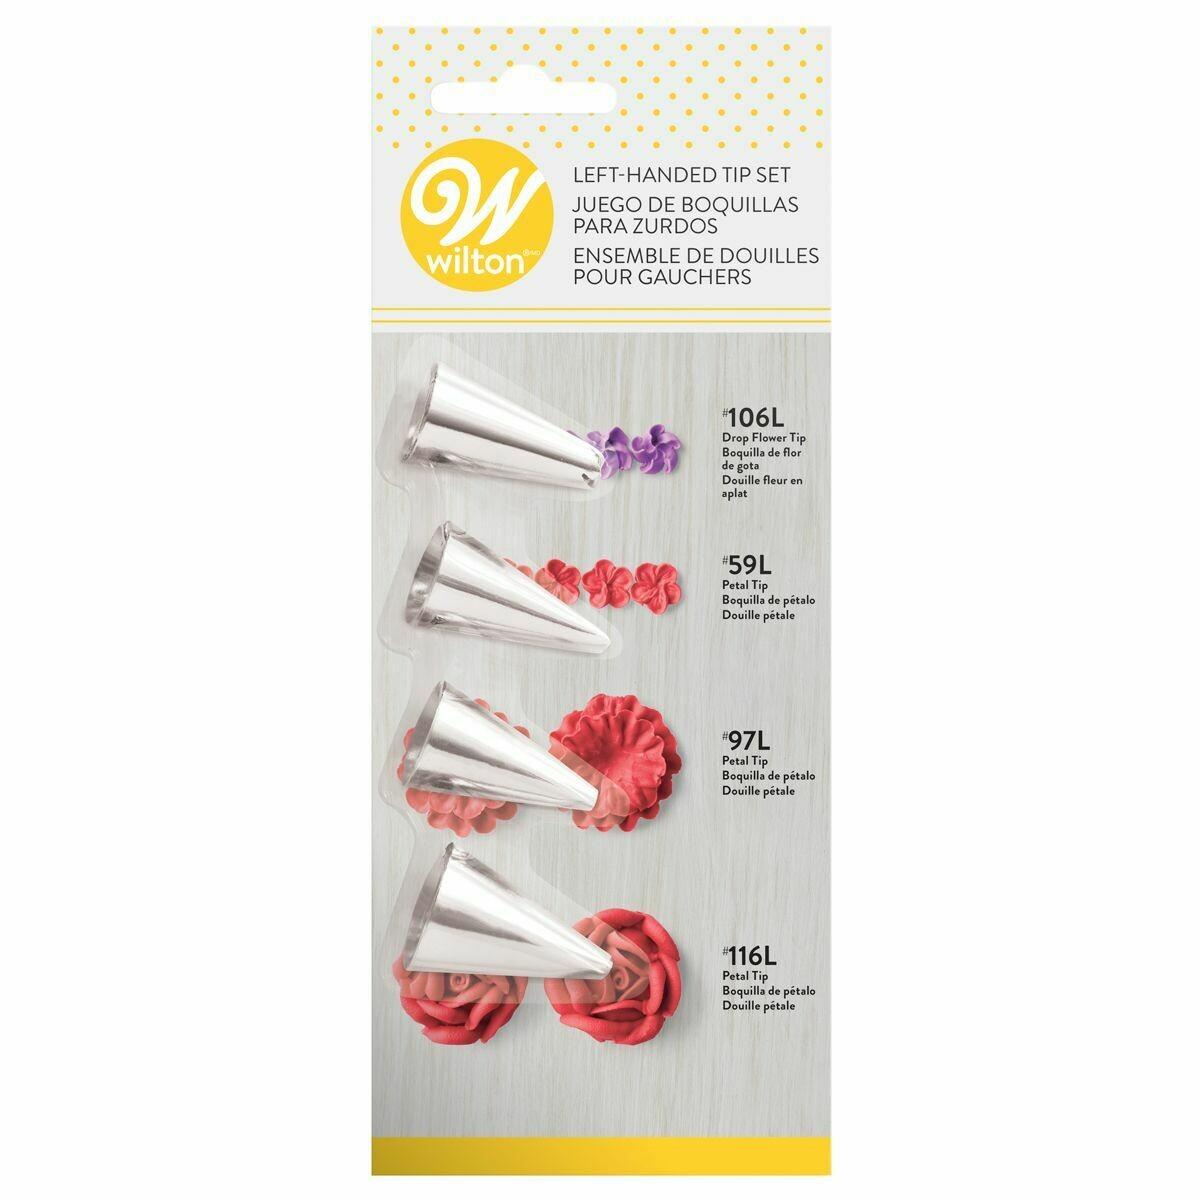 SALE!!! WILTON Nozzles Set of 4 -LEFT HANDED No.106L, No.59L, No.97L, & No.116L - Μύτες Κορνέ Λουλούδια για αριστερόχειρες 4τμχ